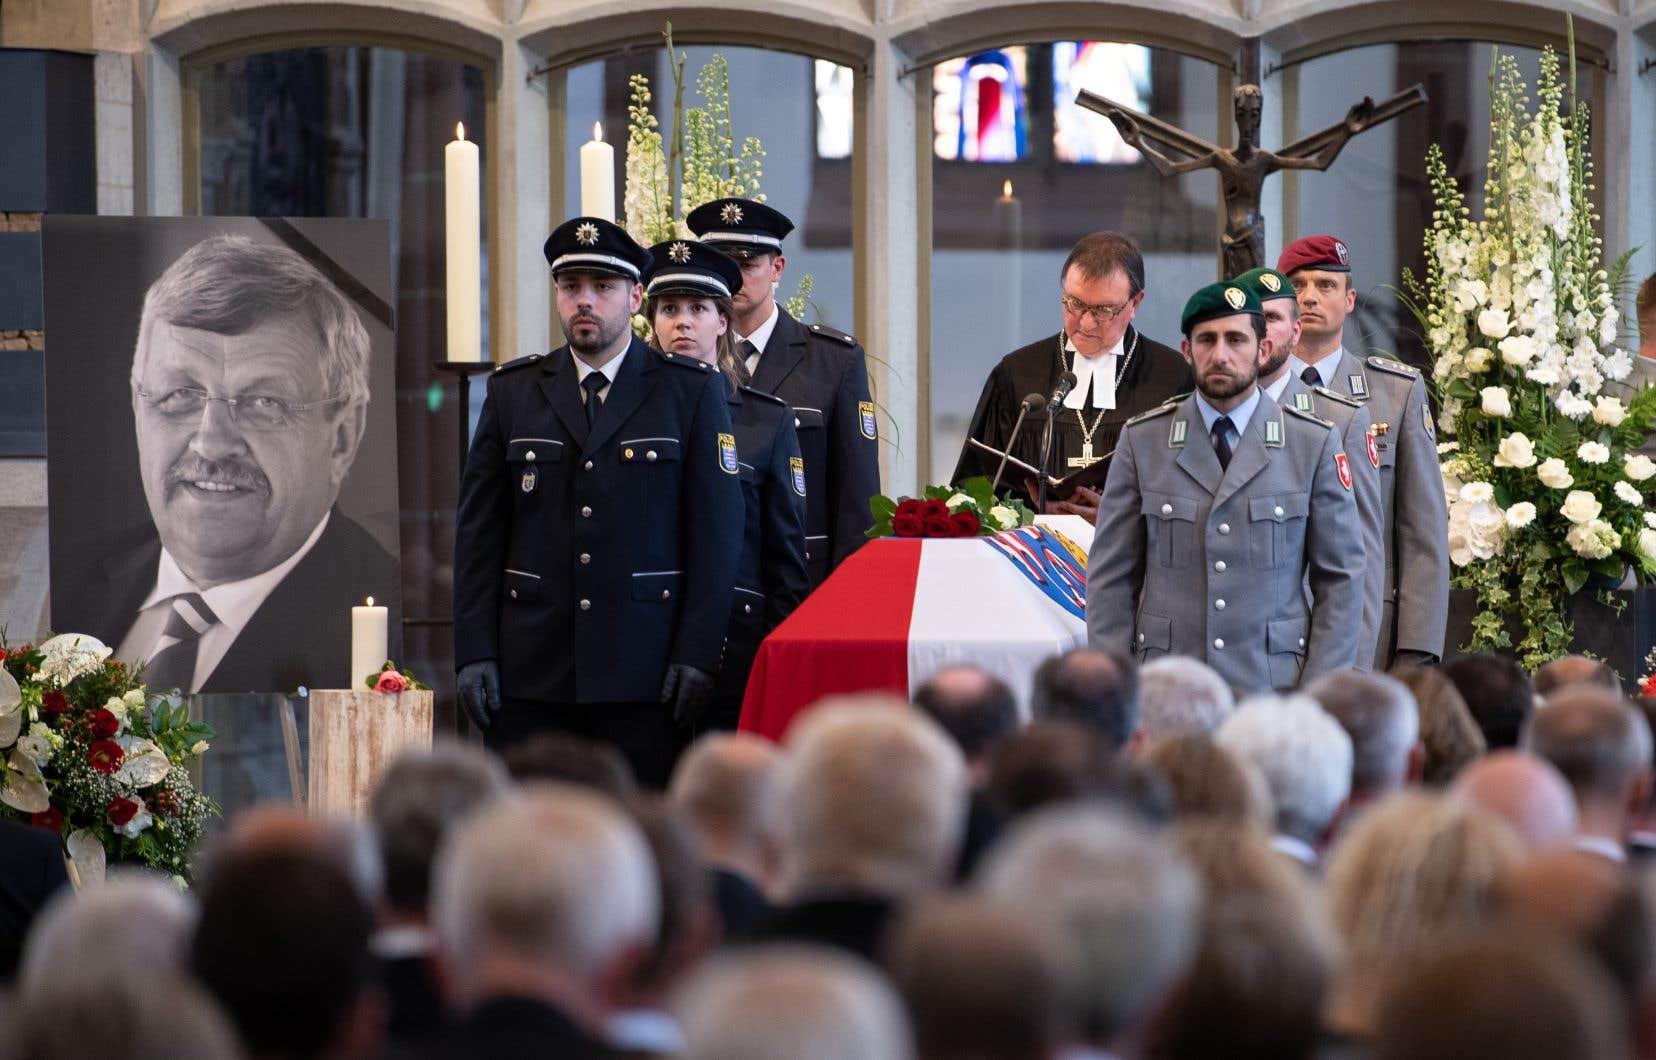 Walter Lübcke, 65 ans, a été retrouvé mort le 2 juin sur la terrasse de sa maison à Wolfhagen, dans la banlieue de Kassel. Il avait reçu une balle tirée à bout portant. Ses funérailles ont été célébrées le 13 juin dernier.